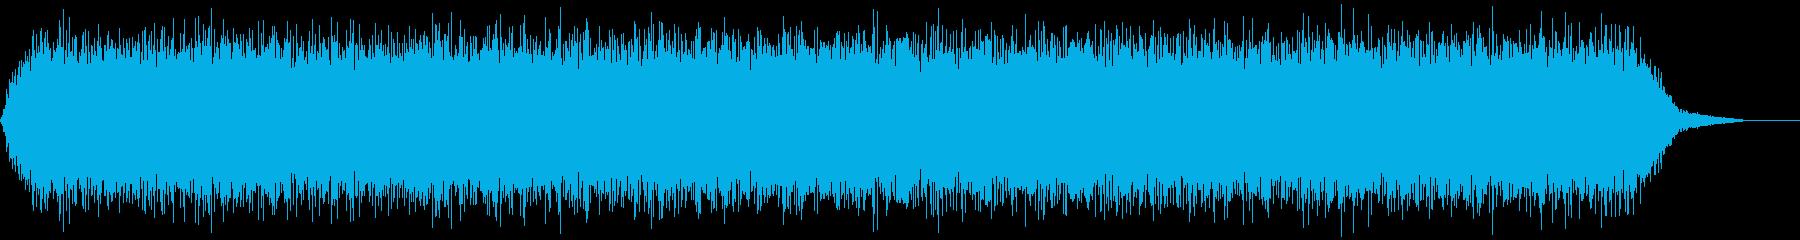 【アンビエント】ドローン_25 実験音の再生済みの波形